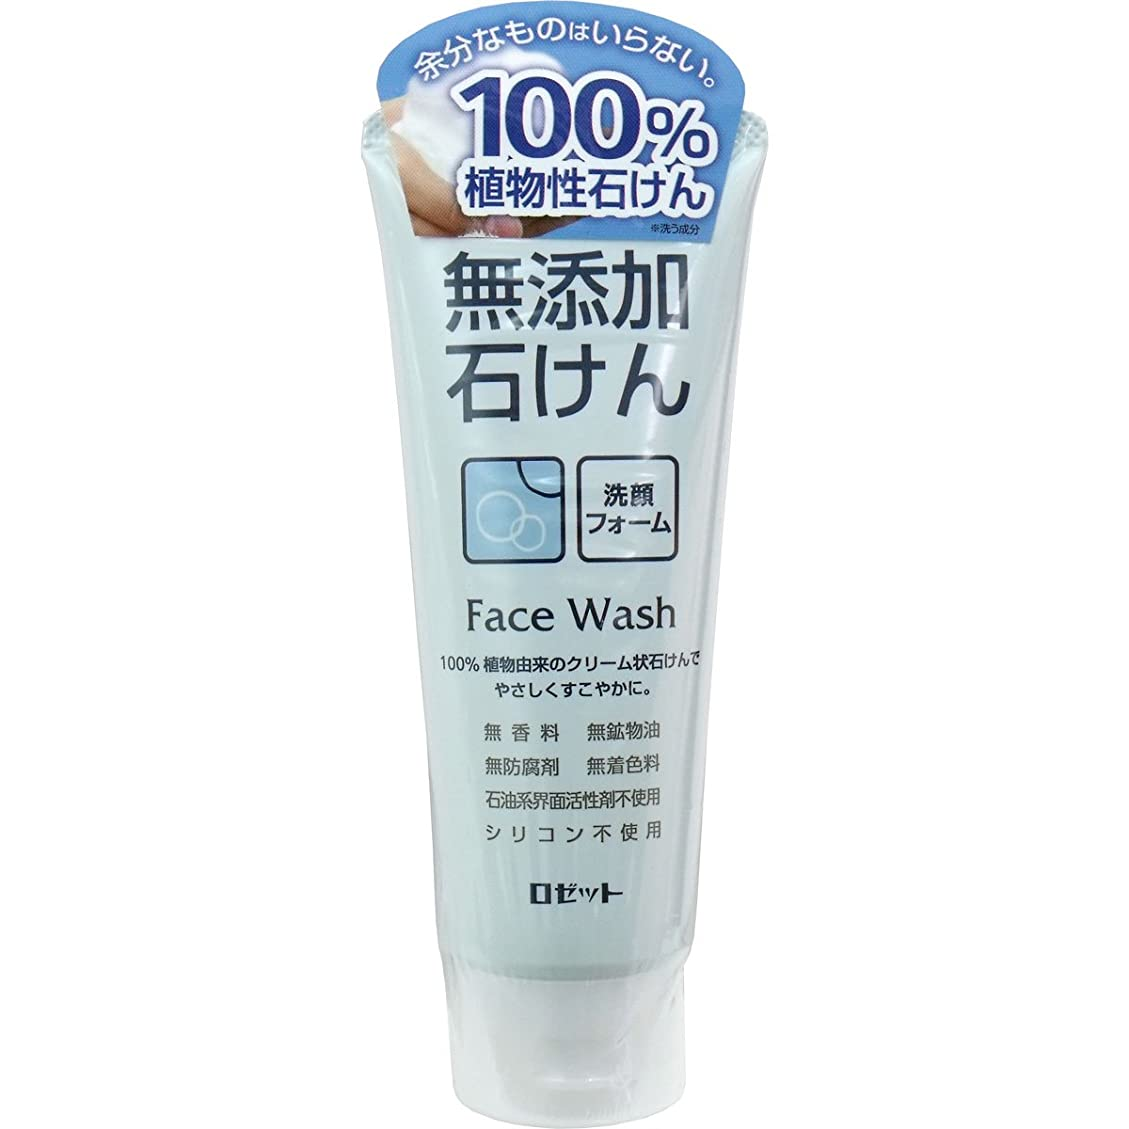 論争議論する葬儀【まとめ買い】無添加石けん洗顔フォーム ×2セット